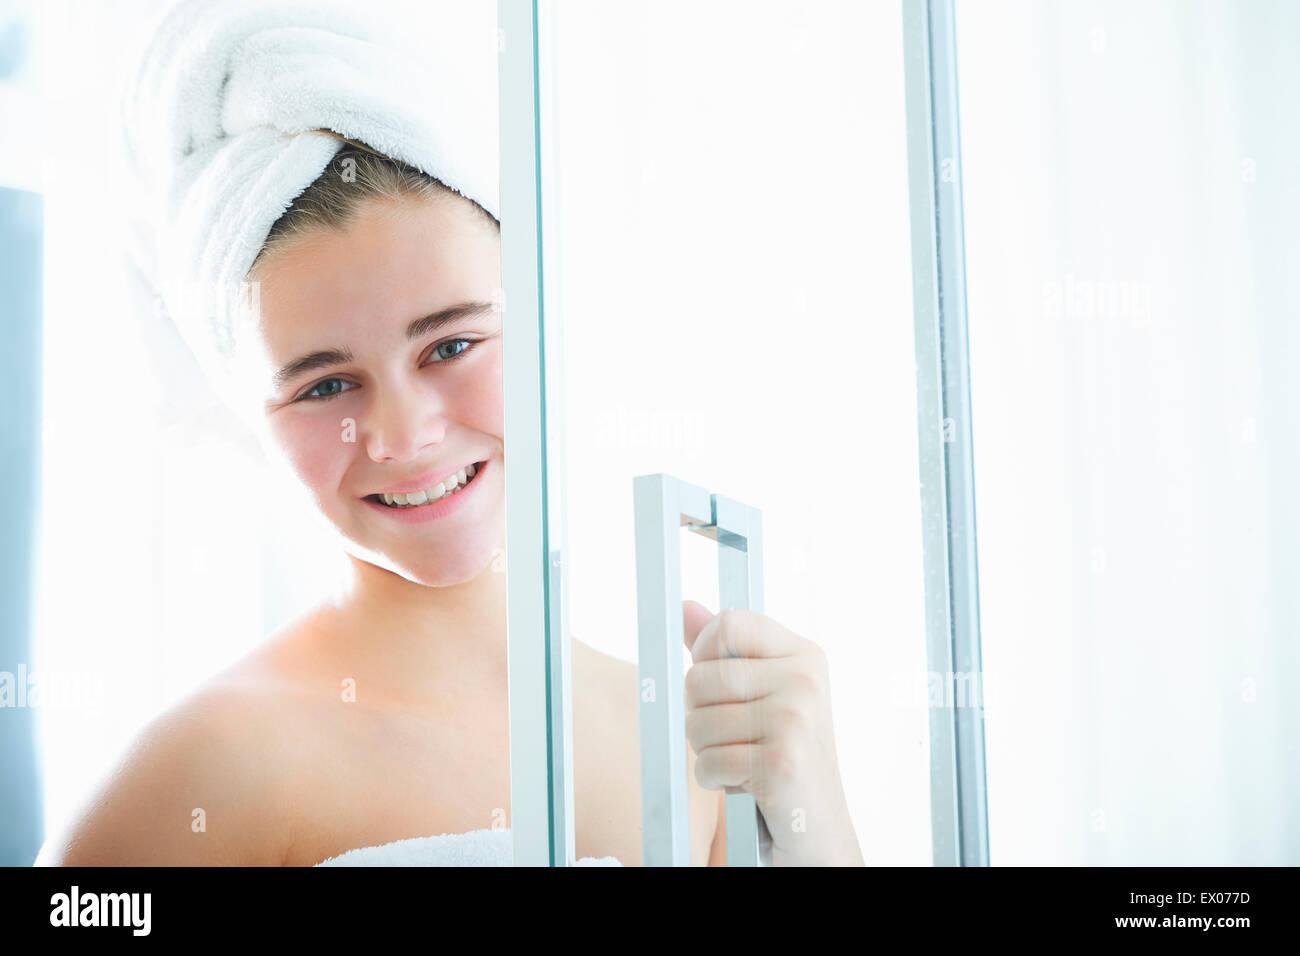 Bilder zu Teenager-Mädchen in der Dusche mit dem Smartphone im Wasserstrahl besessen Lizenzfreie Fotos Image 29052439.